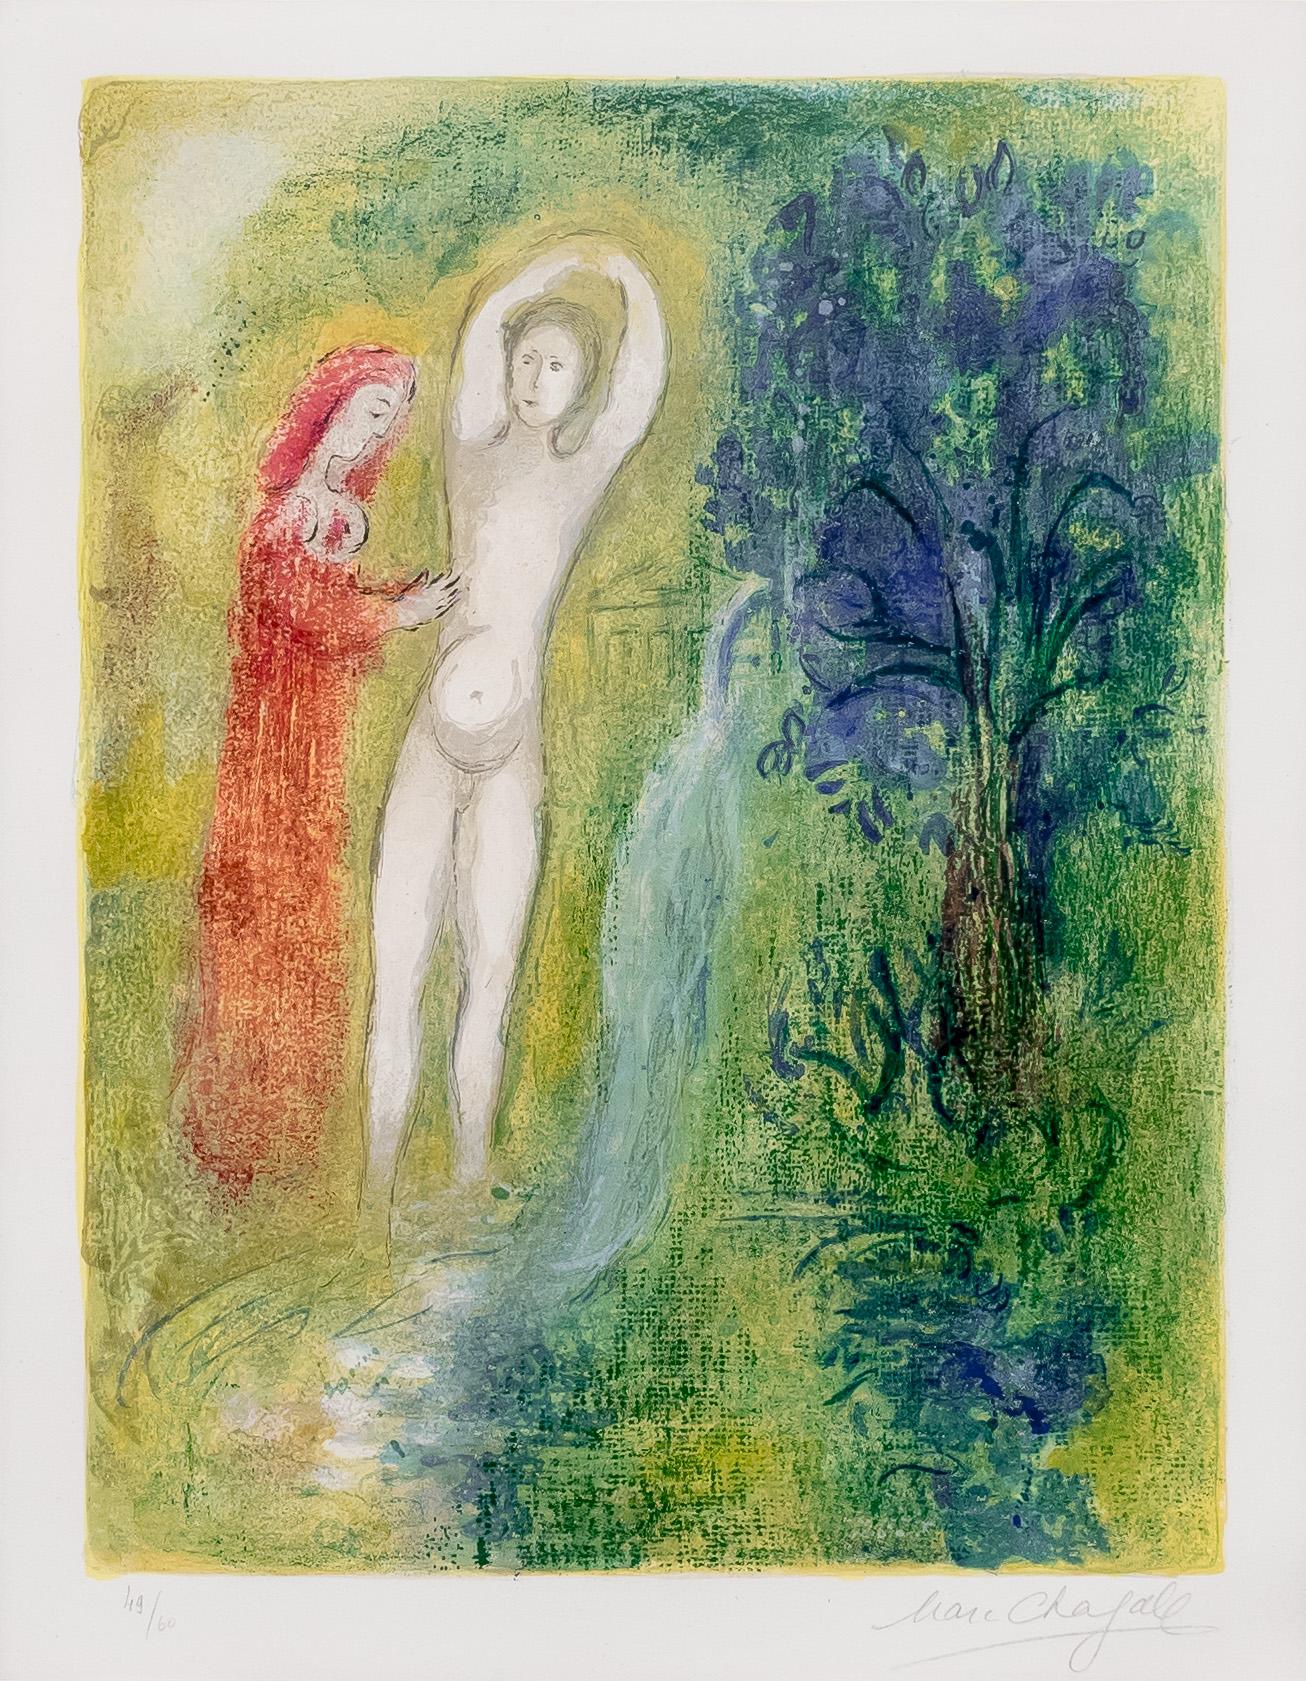 Daphnis et Chloe au bord de la Fontaine, from Daphnis et Chloe